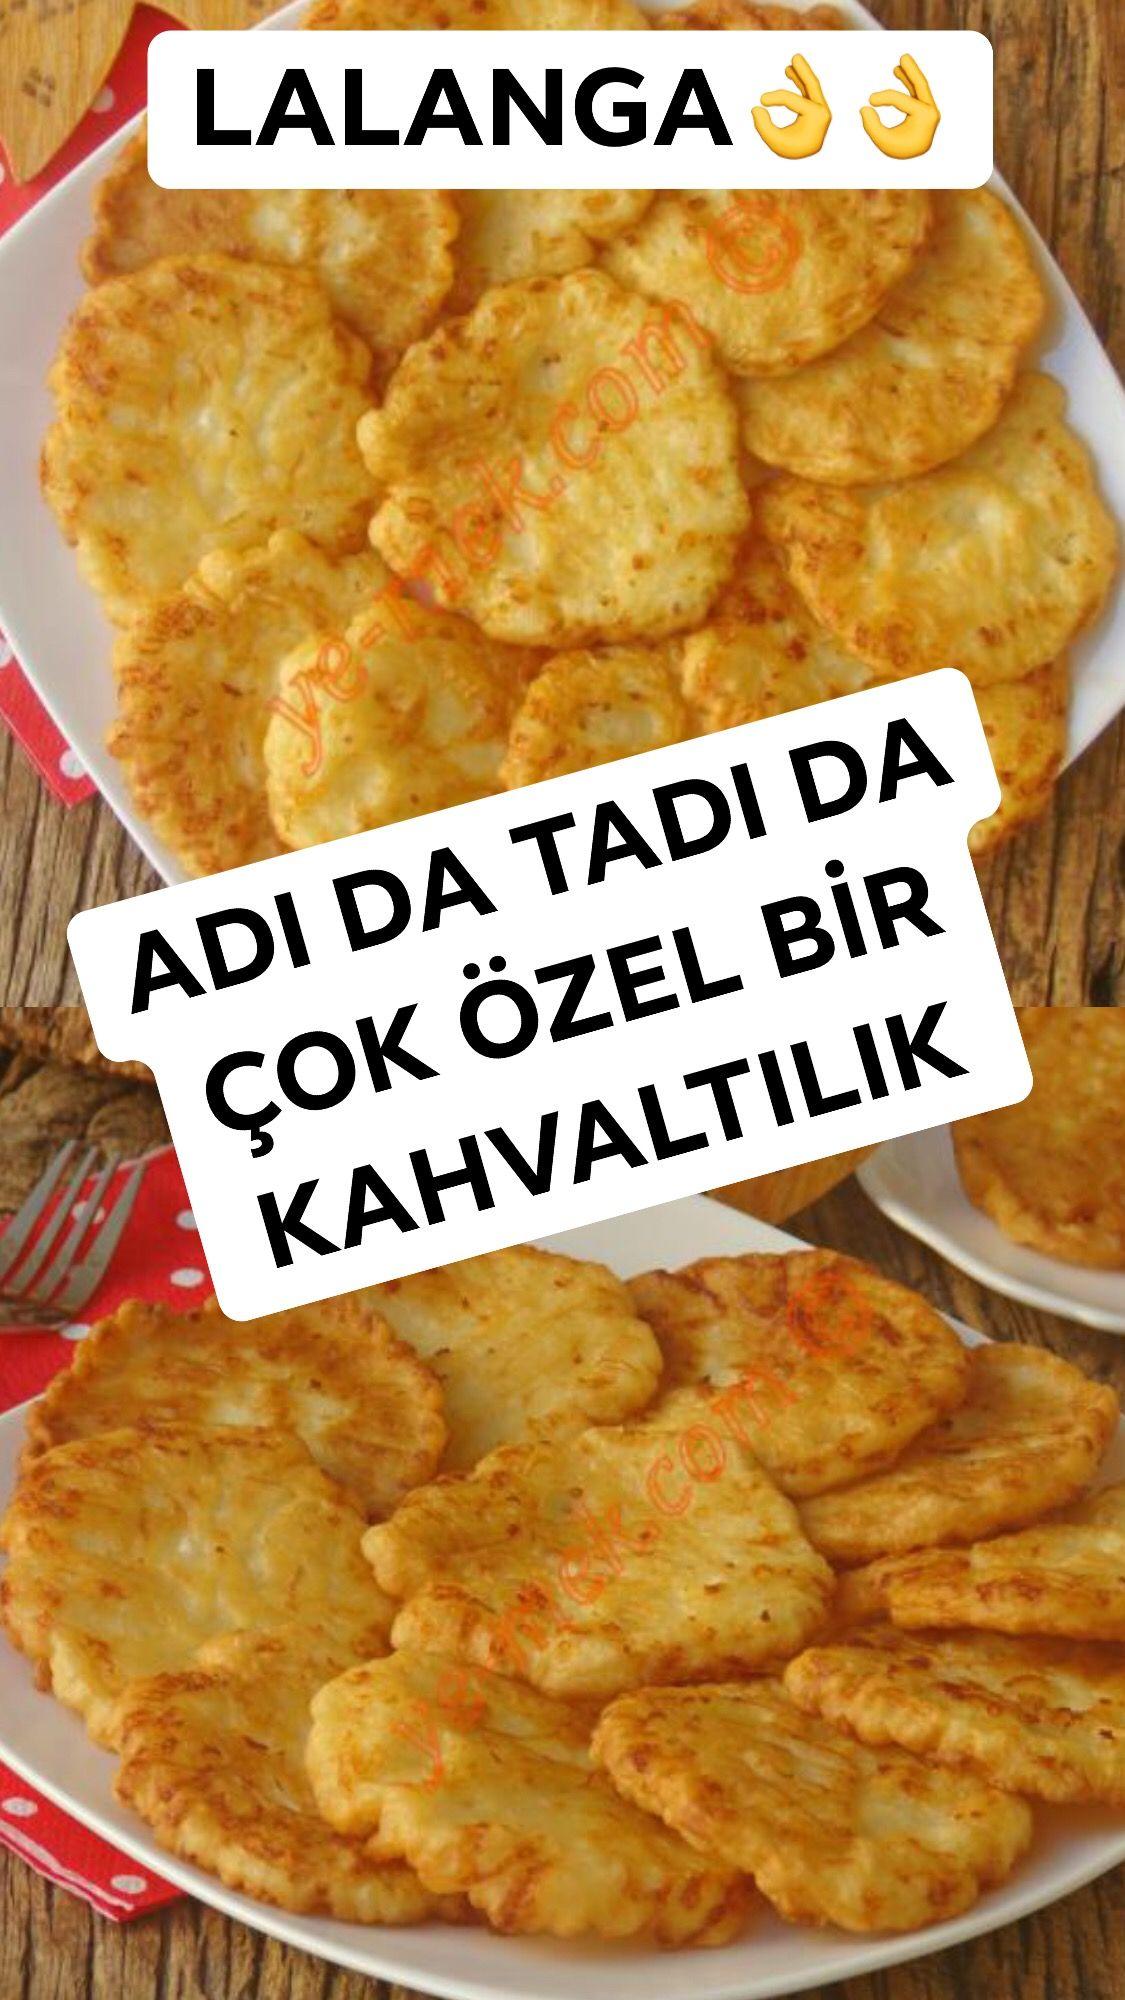 Lalanga Tarifi ADI DA TADI DA ÇOK ÖZEL BİR KAHVALTILIK Karsın en özel lezzetlerinden Adı da TADI da çok özel bir kahvaltılık TARİF